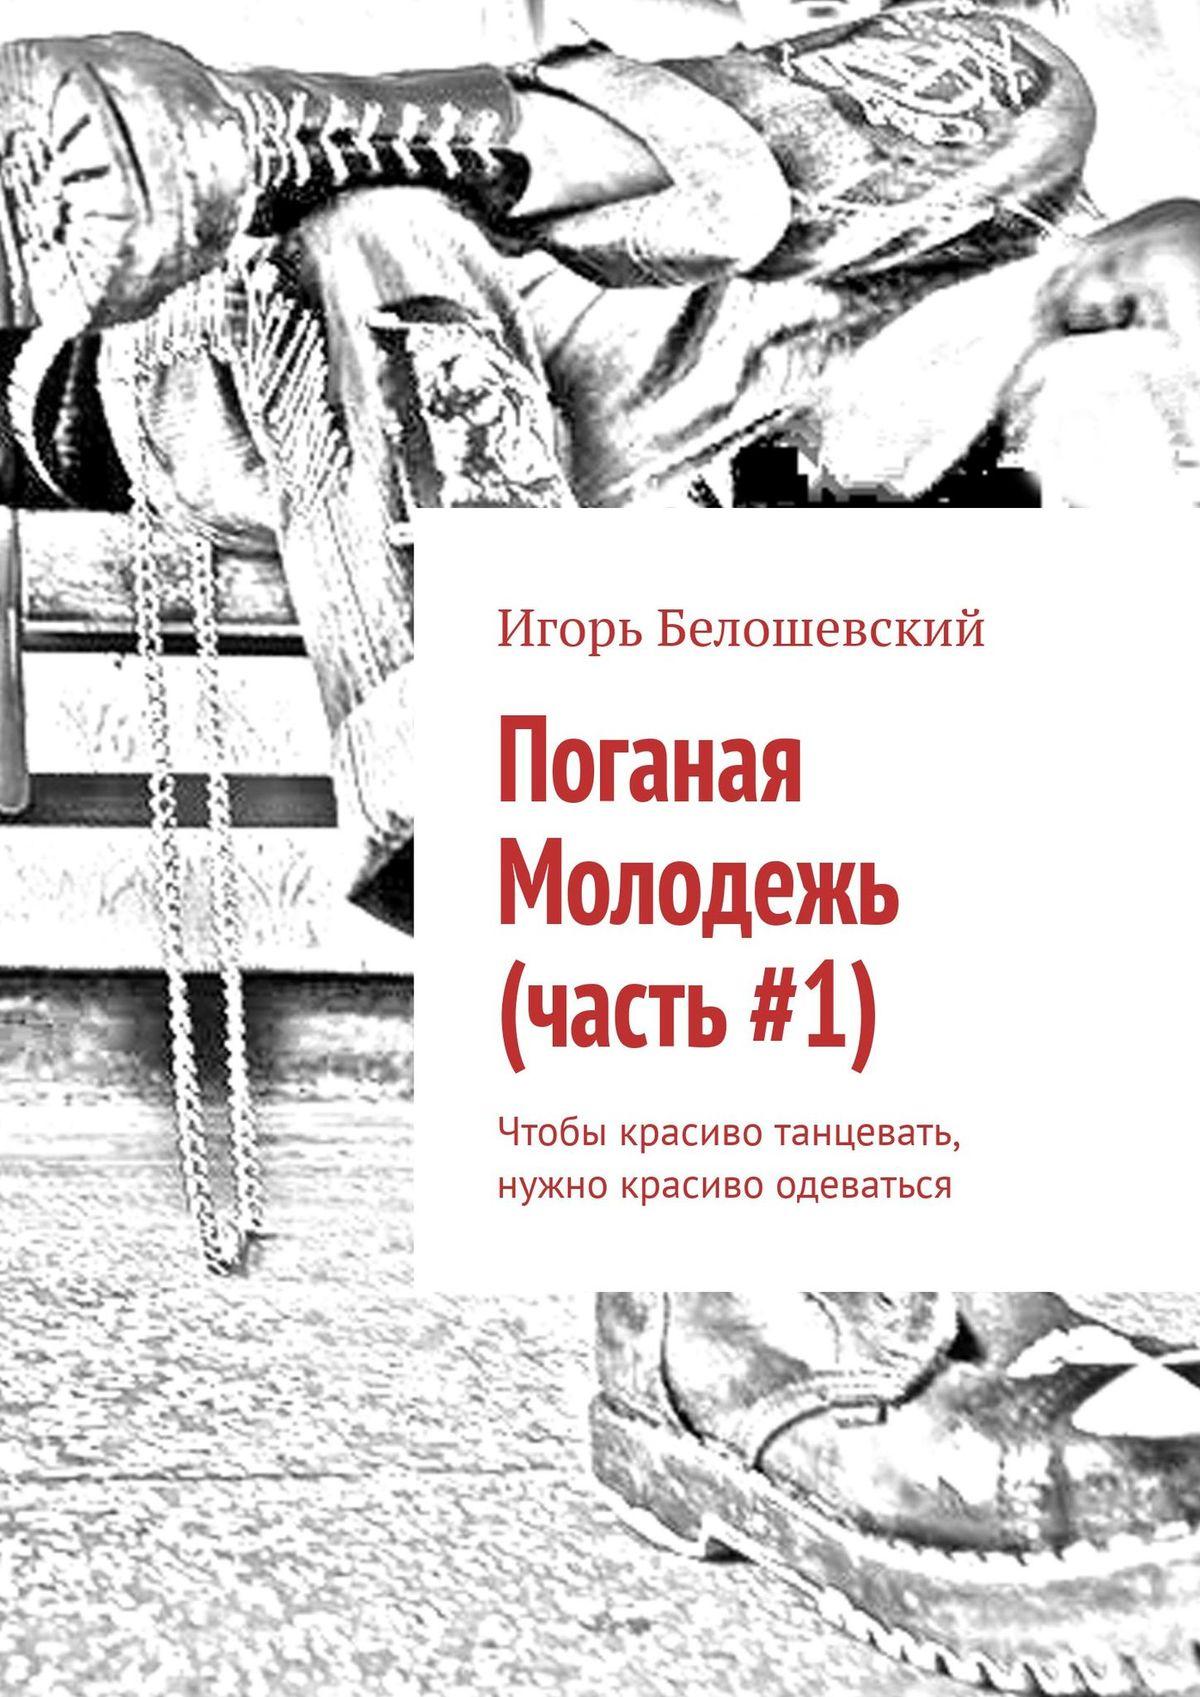 Игорь Белошевский Поганая Молодежь (часть#1). Чтобы красиво танцевать, нужно одеваться